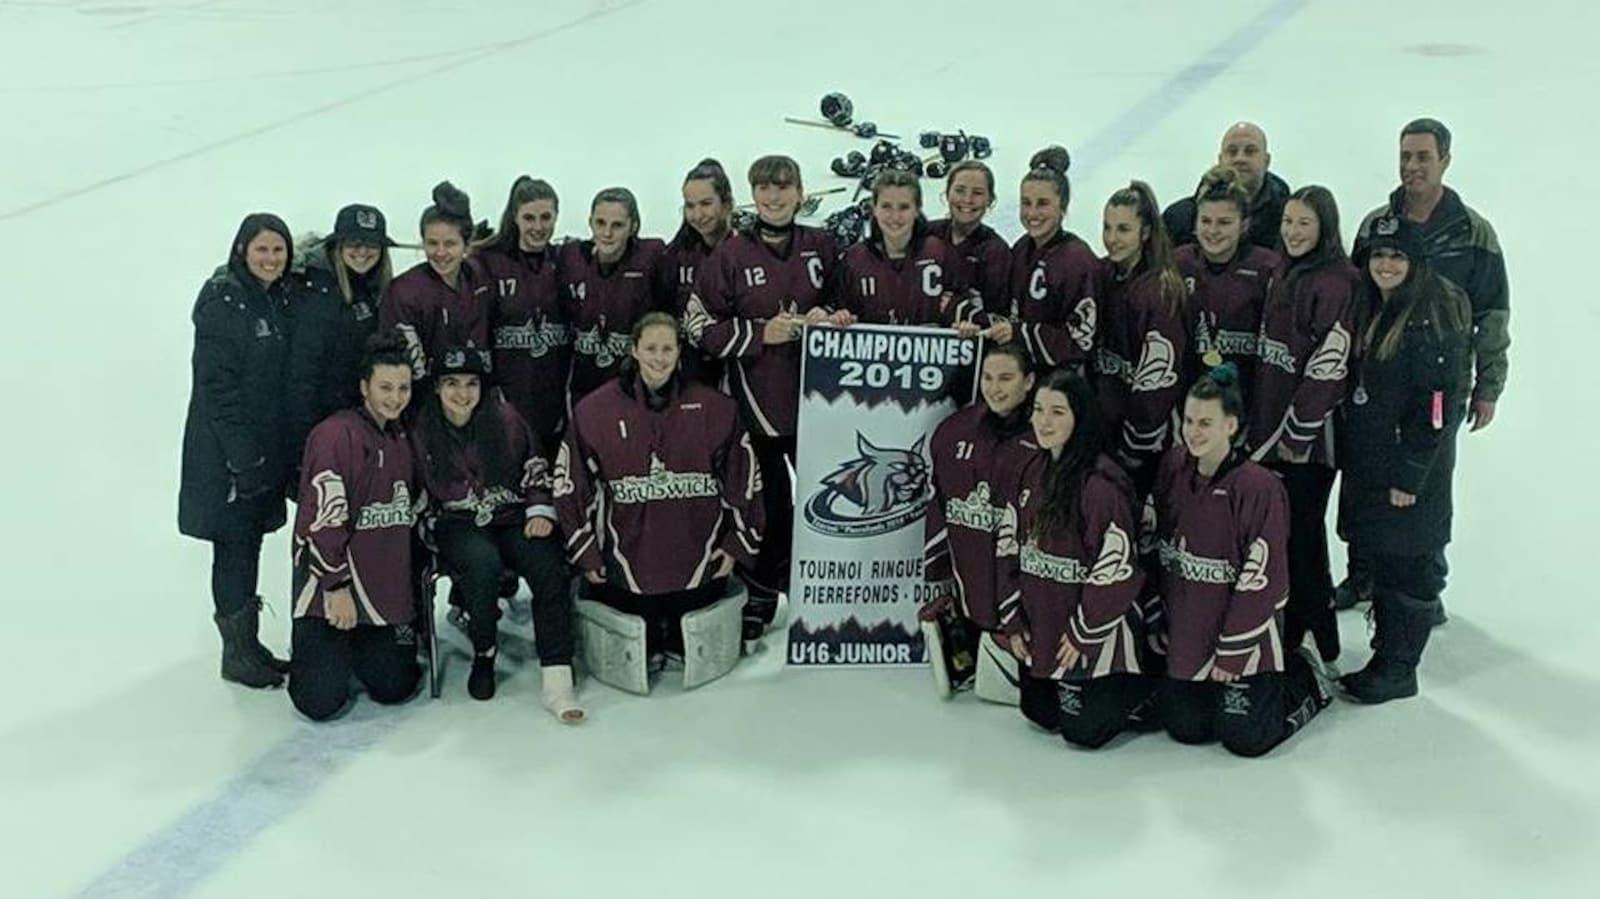 L'équipe de ringuette U16 du Nouveau-Brunswick remporte un tournoi à Montréal et se prépare pour le championnat national.